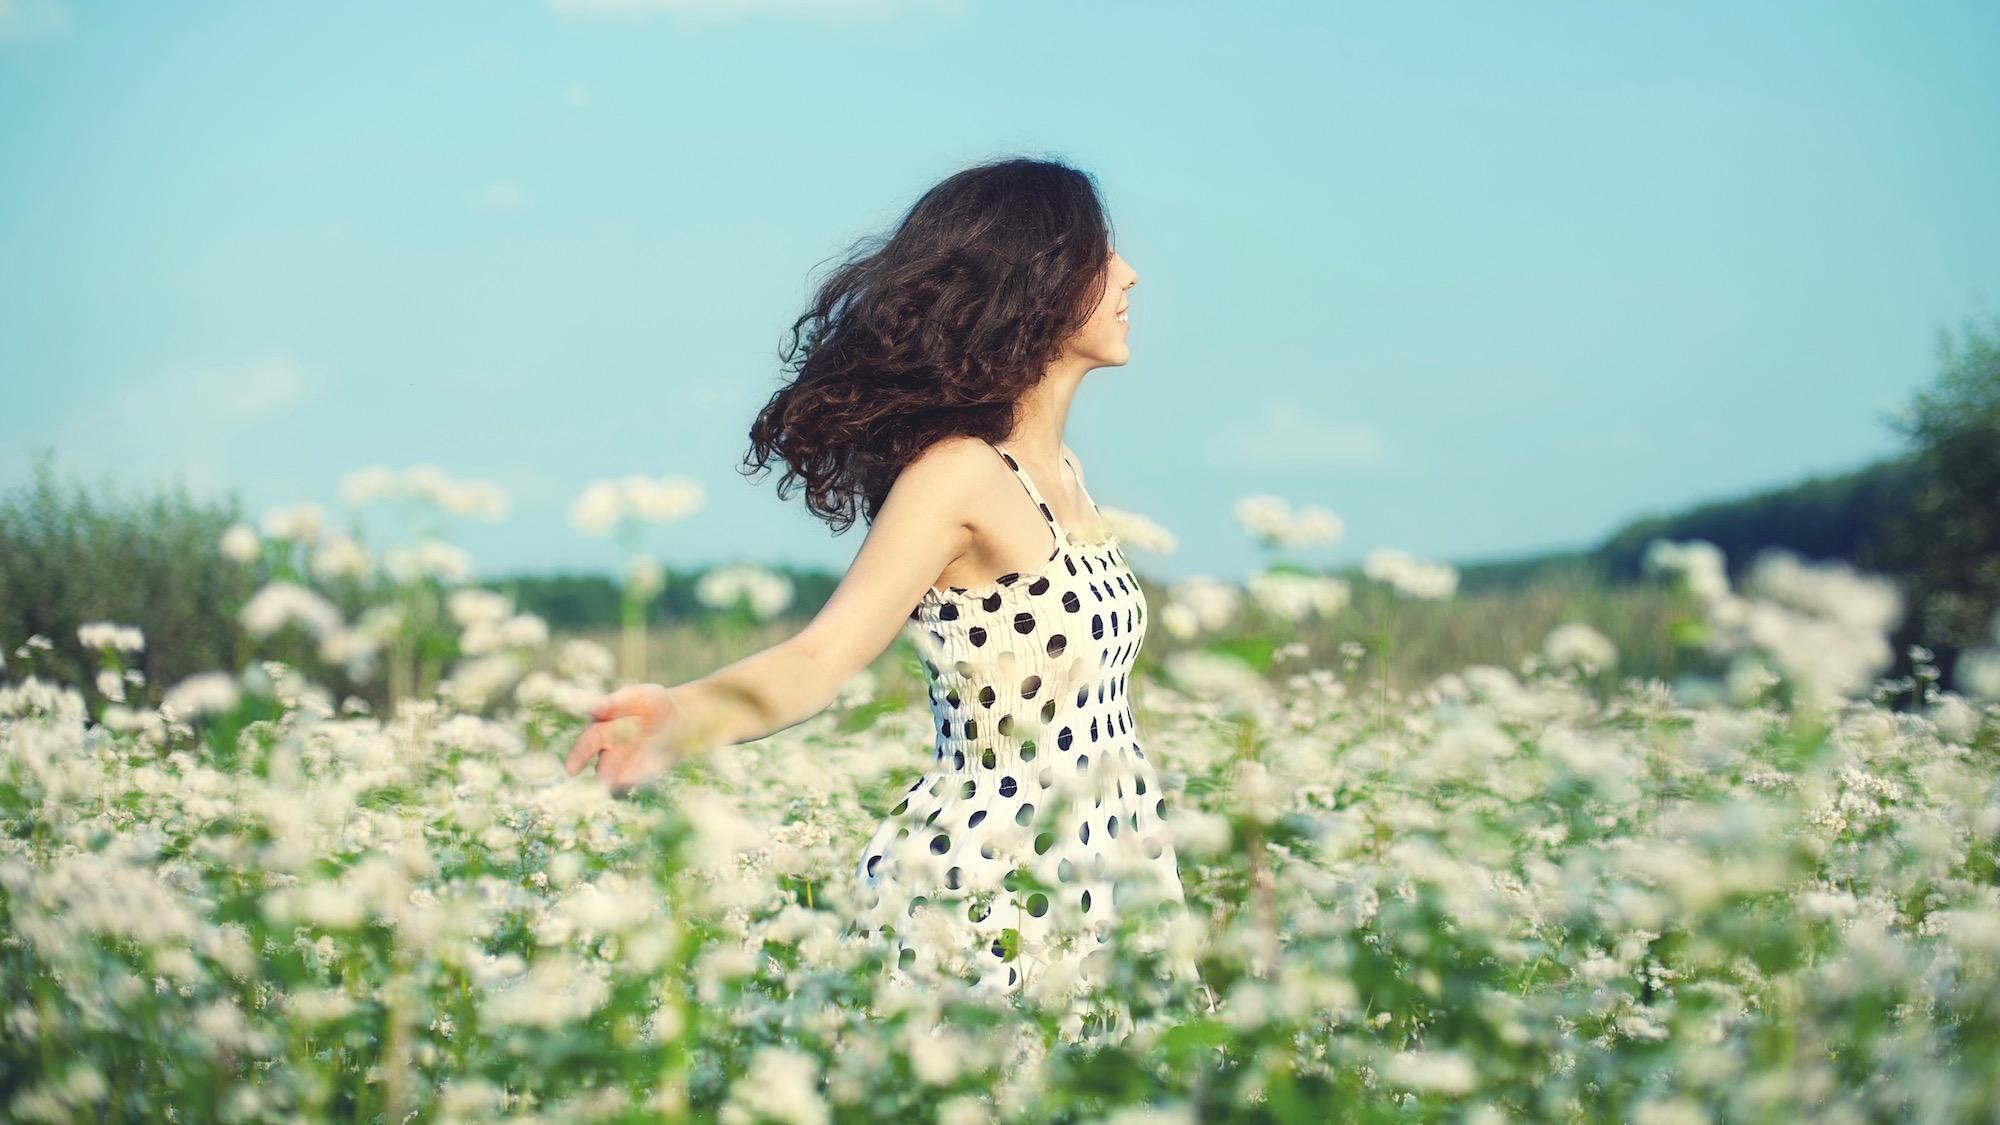 ヴィーナスマイの愛の女神通信【vol.2 春は来たれり、恋せよ乙女!】